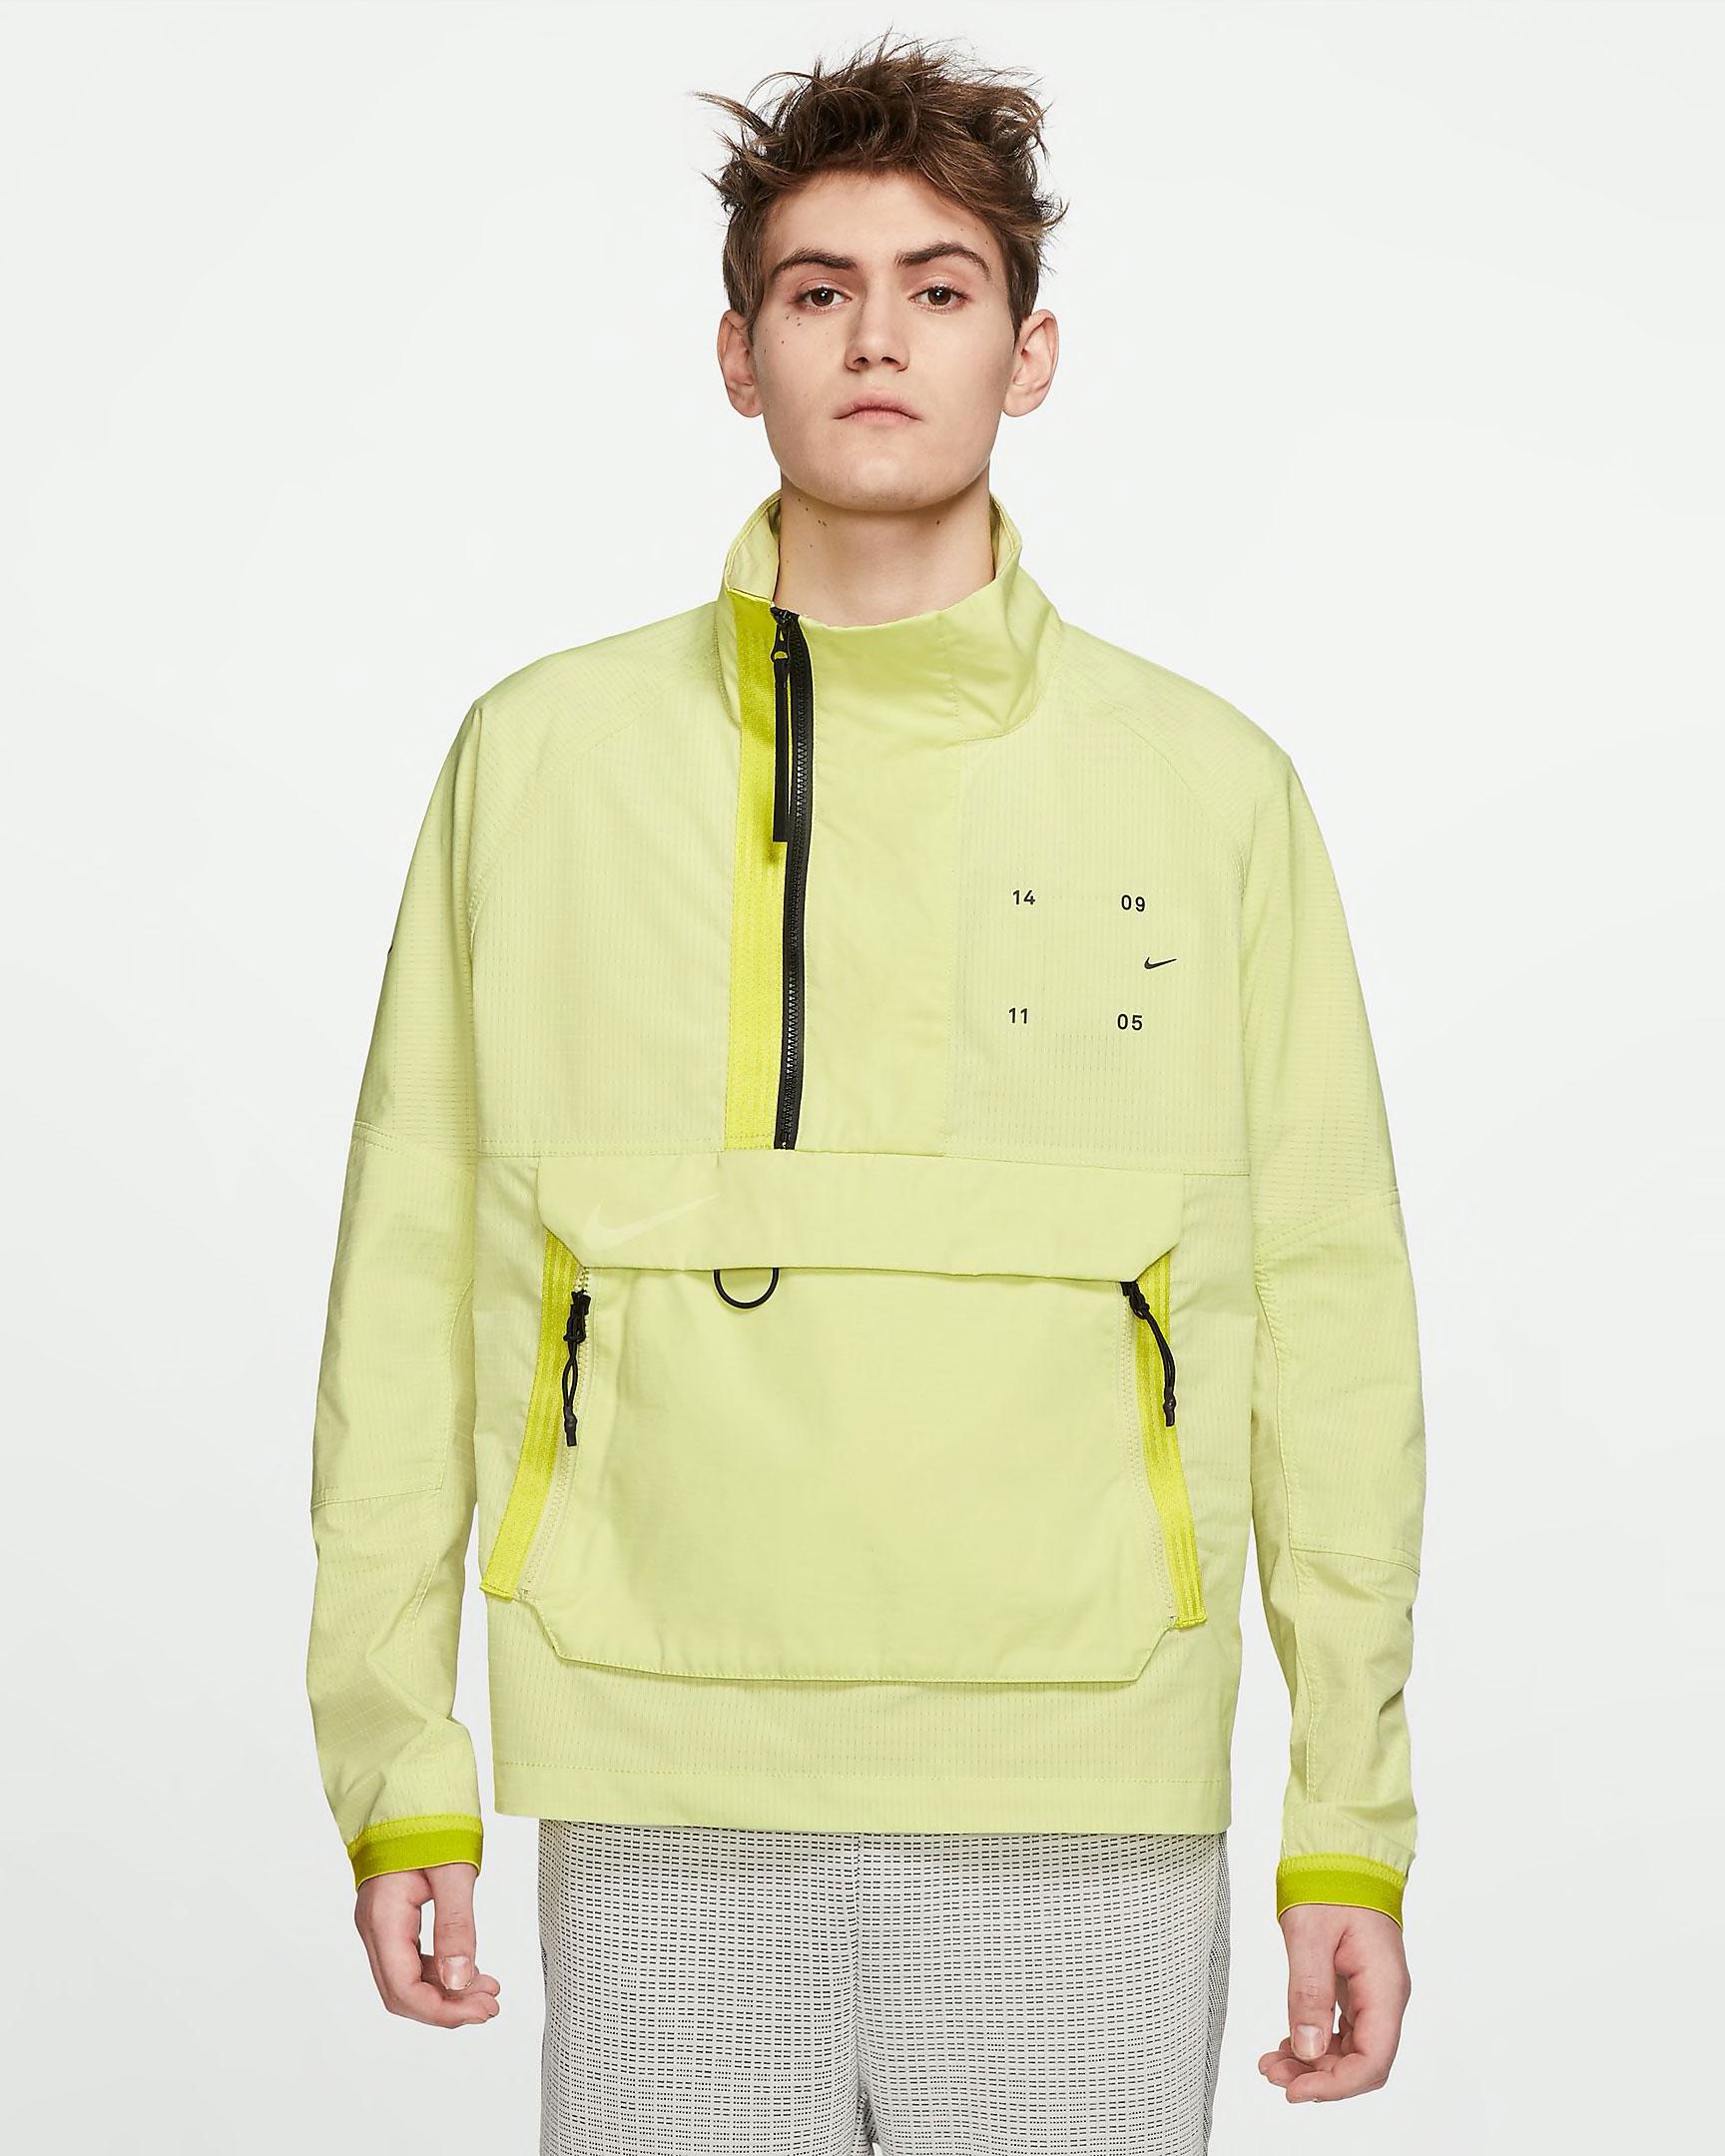 nike-limelight-jacket